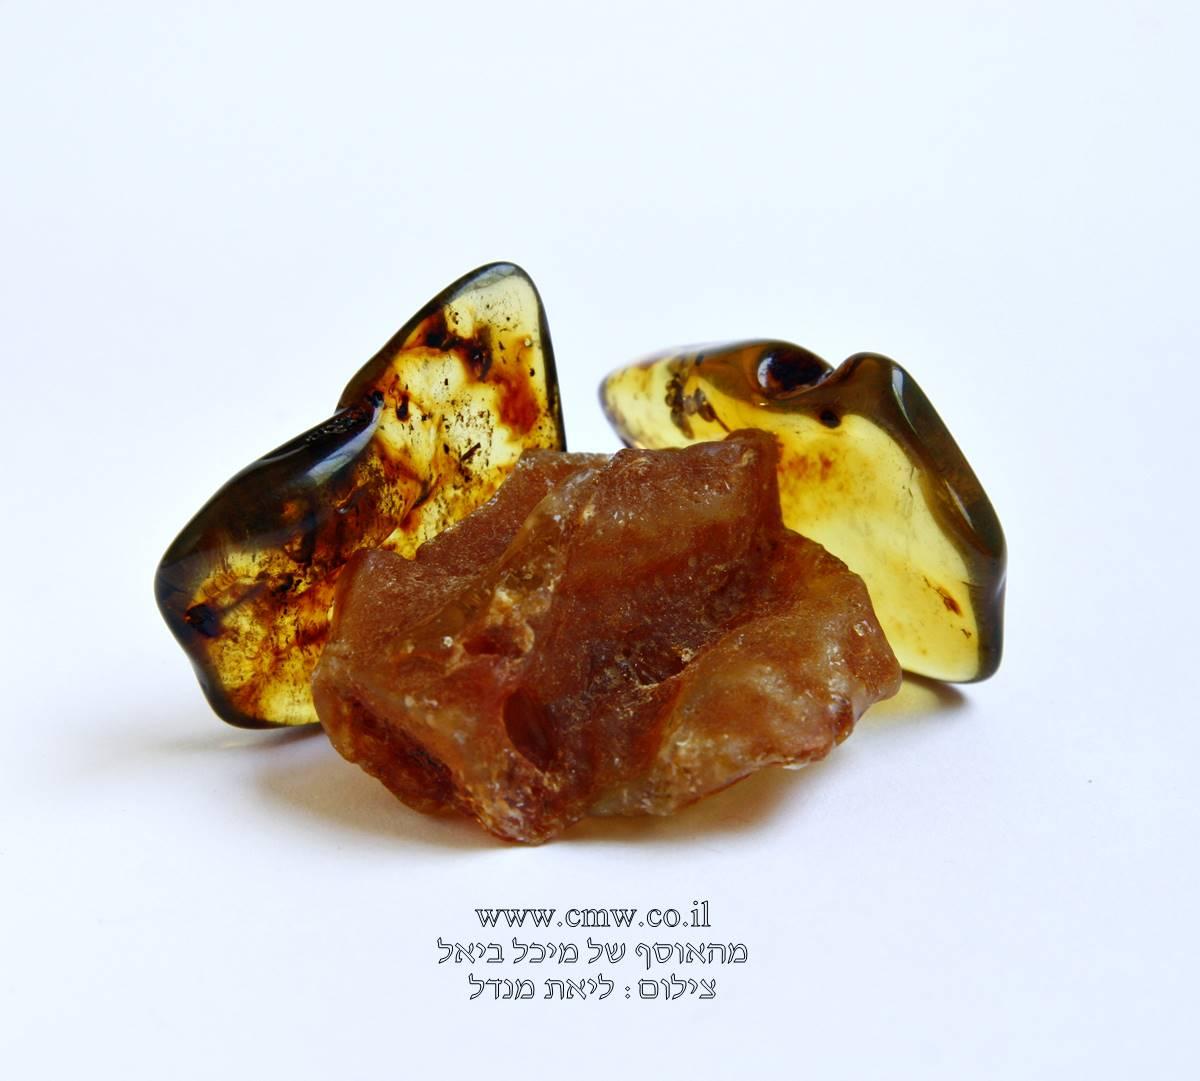 חלוקי ענבר בגוונים שונים. מהאוסף של מיכל ביאל. צילום: ליאת מנדל.